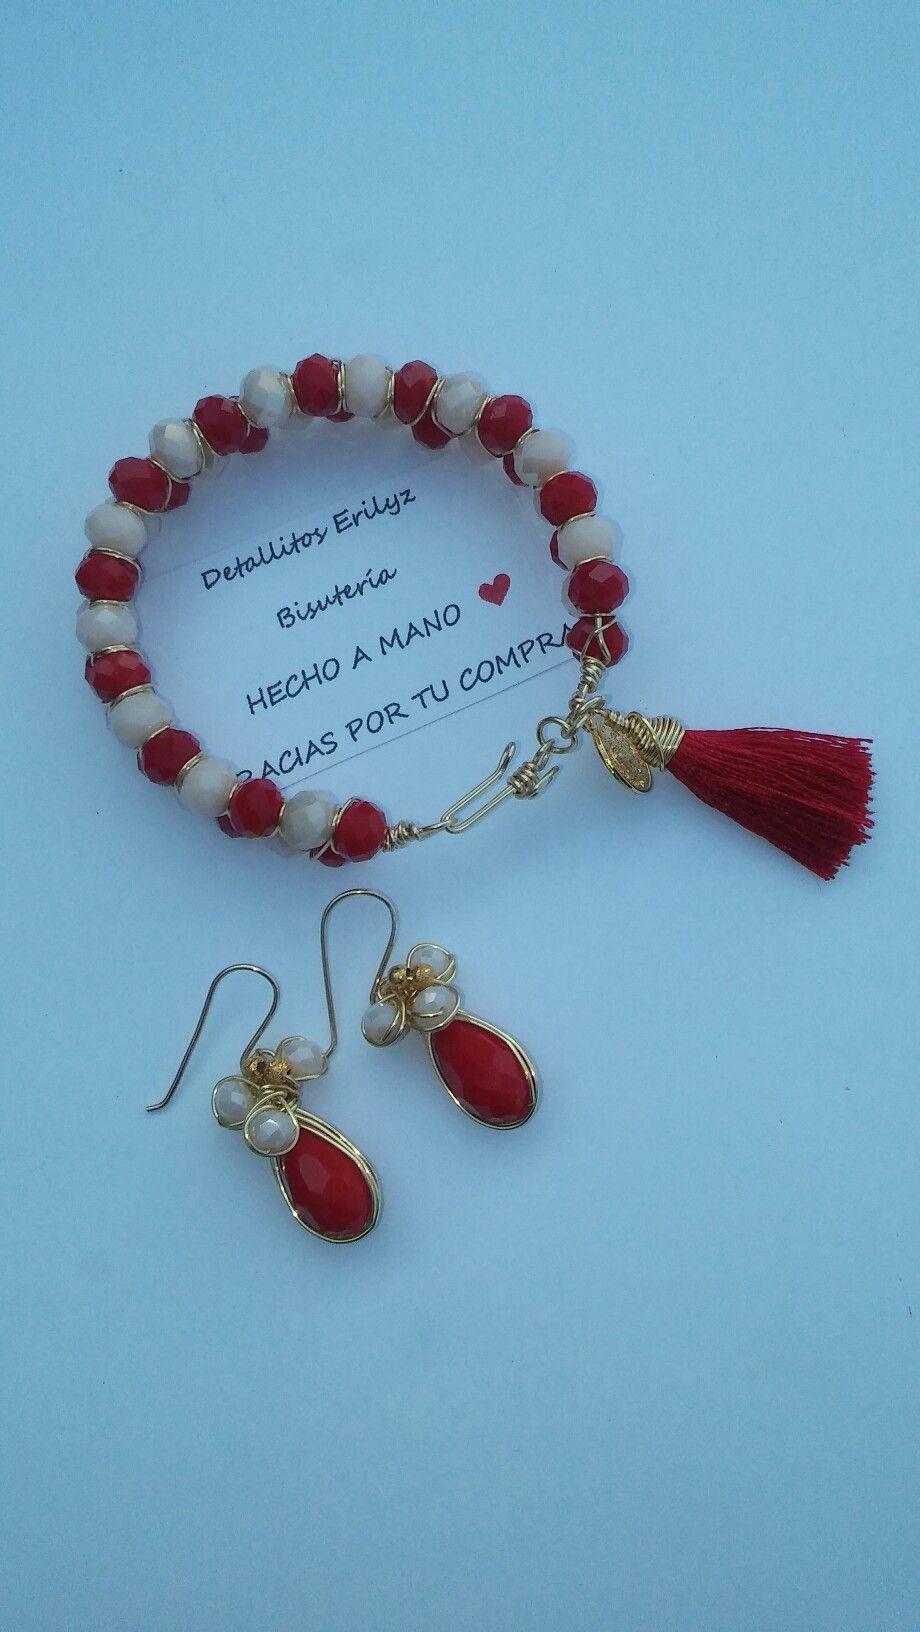 5e84388cb690 Pulsera color rojo con borla de hilo de seda medalla de San Benito   alambrismo